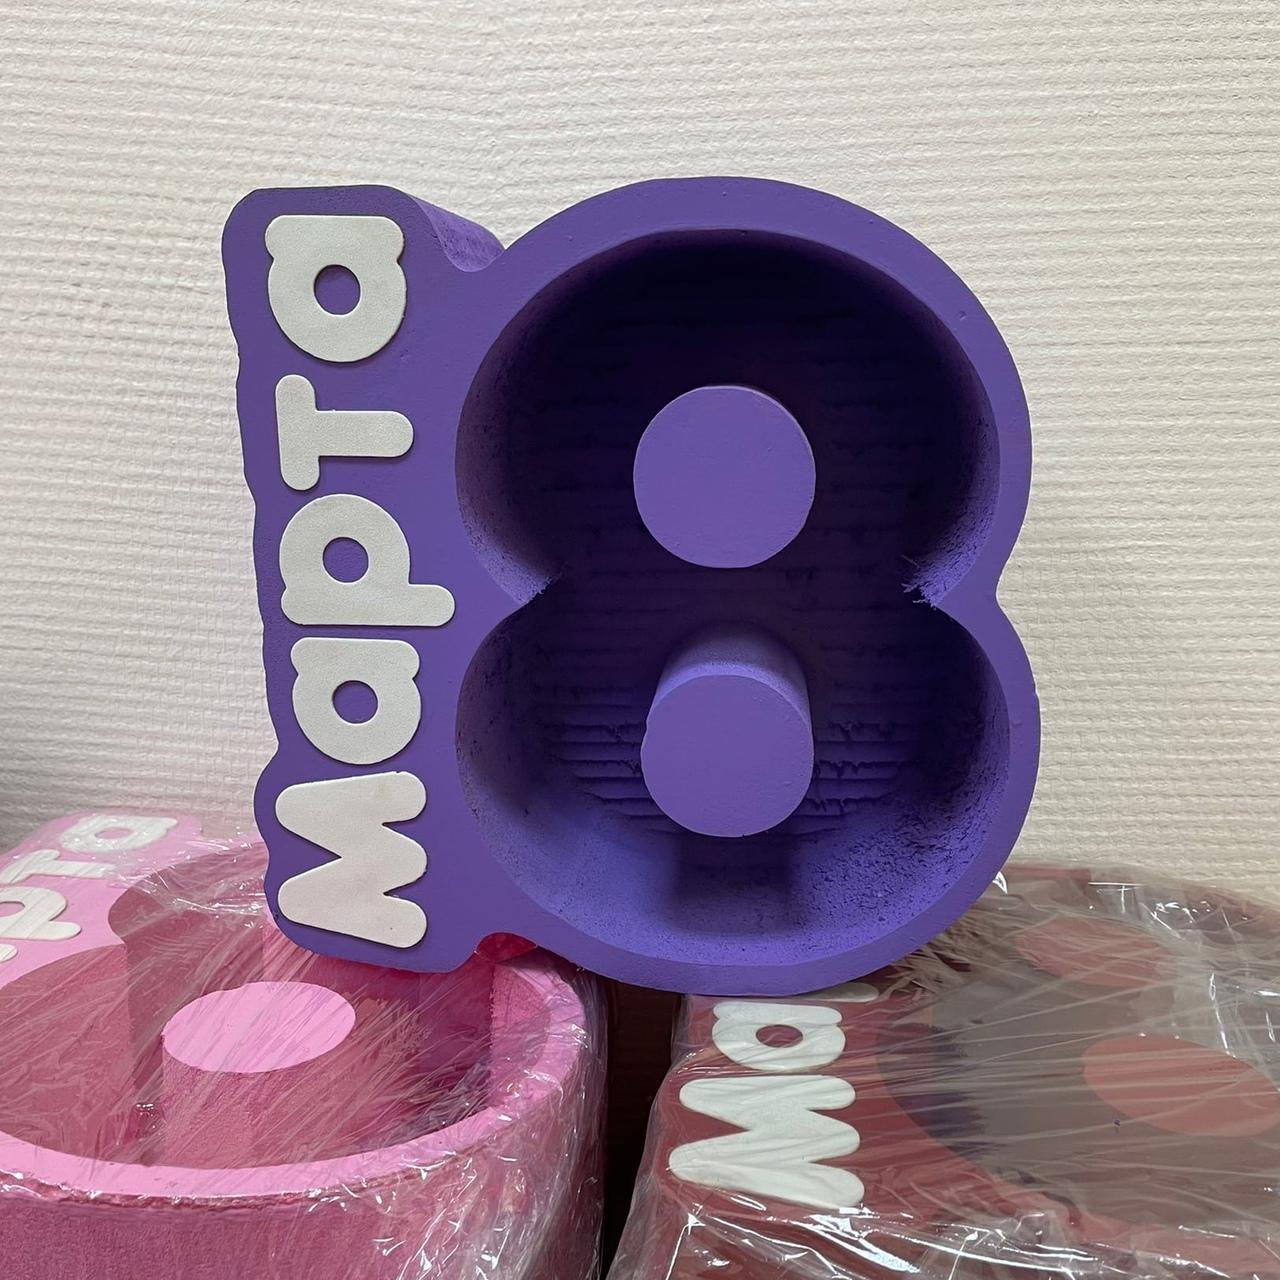 Пенобокс  - «8 марта 10 см Фиолетовый» ? Пенобокс  - «8 марта 10 см Фиолетовый» изготовлен из пенополиэстирола экструдированого. Все пенобоксы нашего производства являются цельными !!! Мы их не склеиваем ! Данная упаковка отлично подходит для составления цветочных букетов т.к. не требует дополнительной гидроизоляции. Пенобоксы нашего производства - могут быть с высотой стенки (борта) - 10 см (глубиной 8.5 см) и высотой стенки 5 см (глубиной 4 см). Цвет изделия на стоимость не влияет ! Все пенобоксы окрашиваются специальным полимерным составом, который не взаимодействует с водой. Пенобоксы нашего производства не окрашиваются от контакта с водой. Преимущества наших пенобоксов перед изделиями подобного типа, производимыми нашими конкурентами - 100% герметичность (не протекают) и 100% не взаимодействие с водой (не окрашиваются)! Фиолетовый 8 марта 10 см Красный, Люблю тебя, краасный, коробка для цветов, подарок на 8 марта, международный женский день, 10 см Розовый, Пенобоксы авиация, gtyj,jrcs, #пенобоксыбелгород, #пенобоксы, пенобоксы, пенобоксыбелгород, Белгород, Пенобоксысердце - Цена, Стоимость - 360 руб.(доставка по всей России)